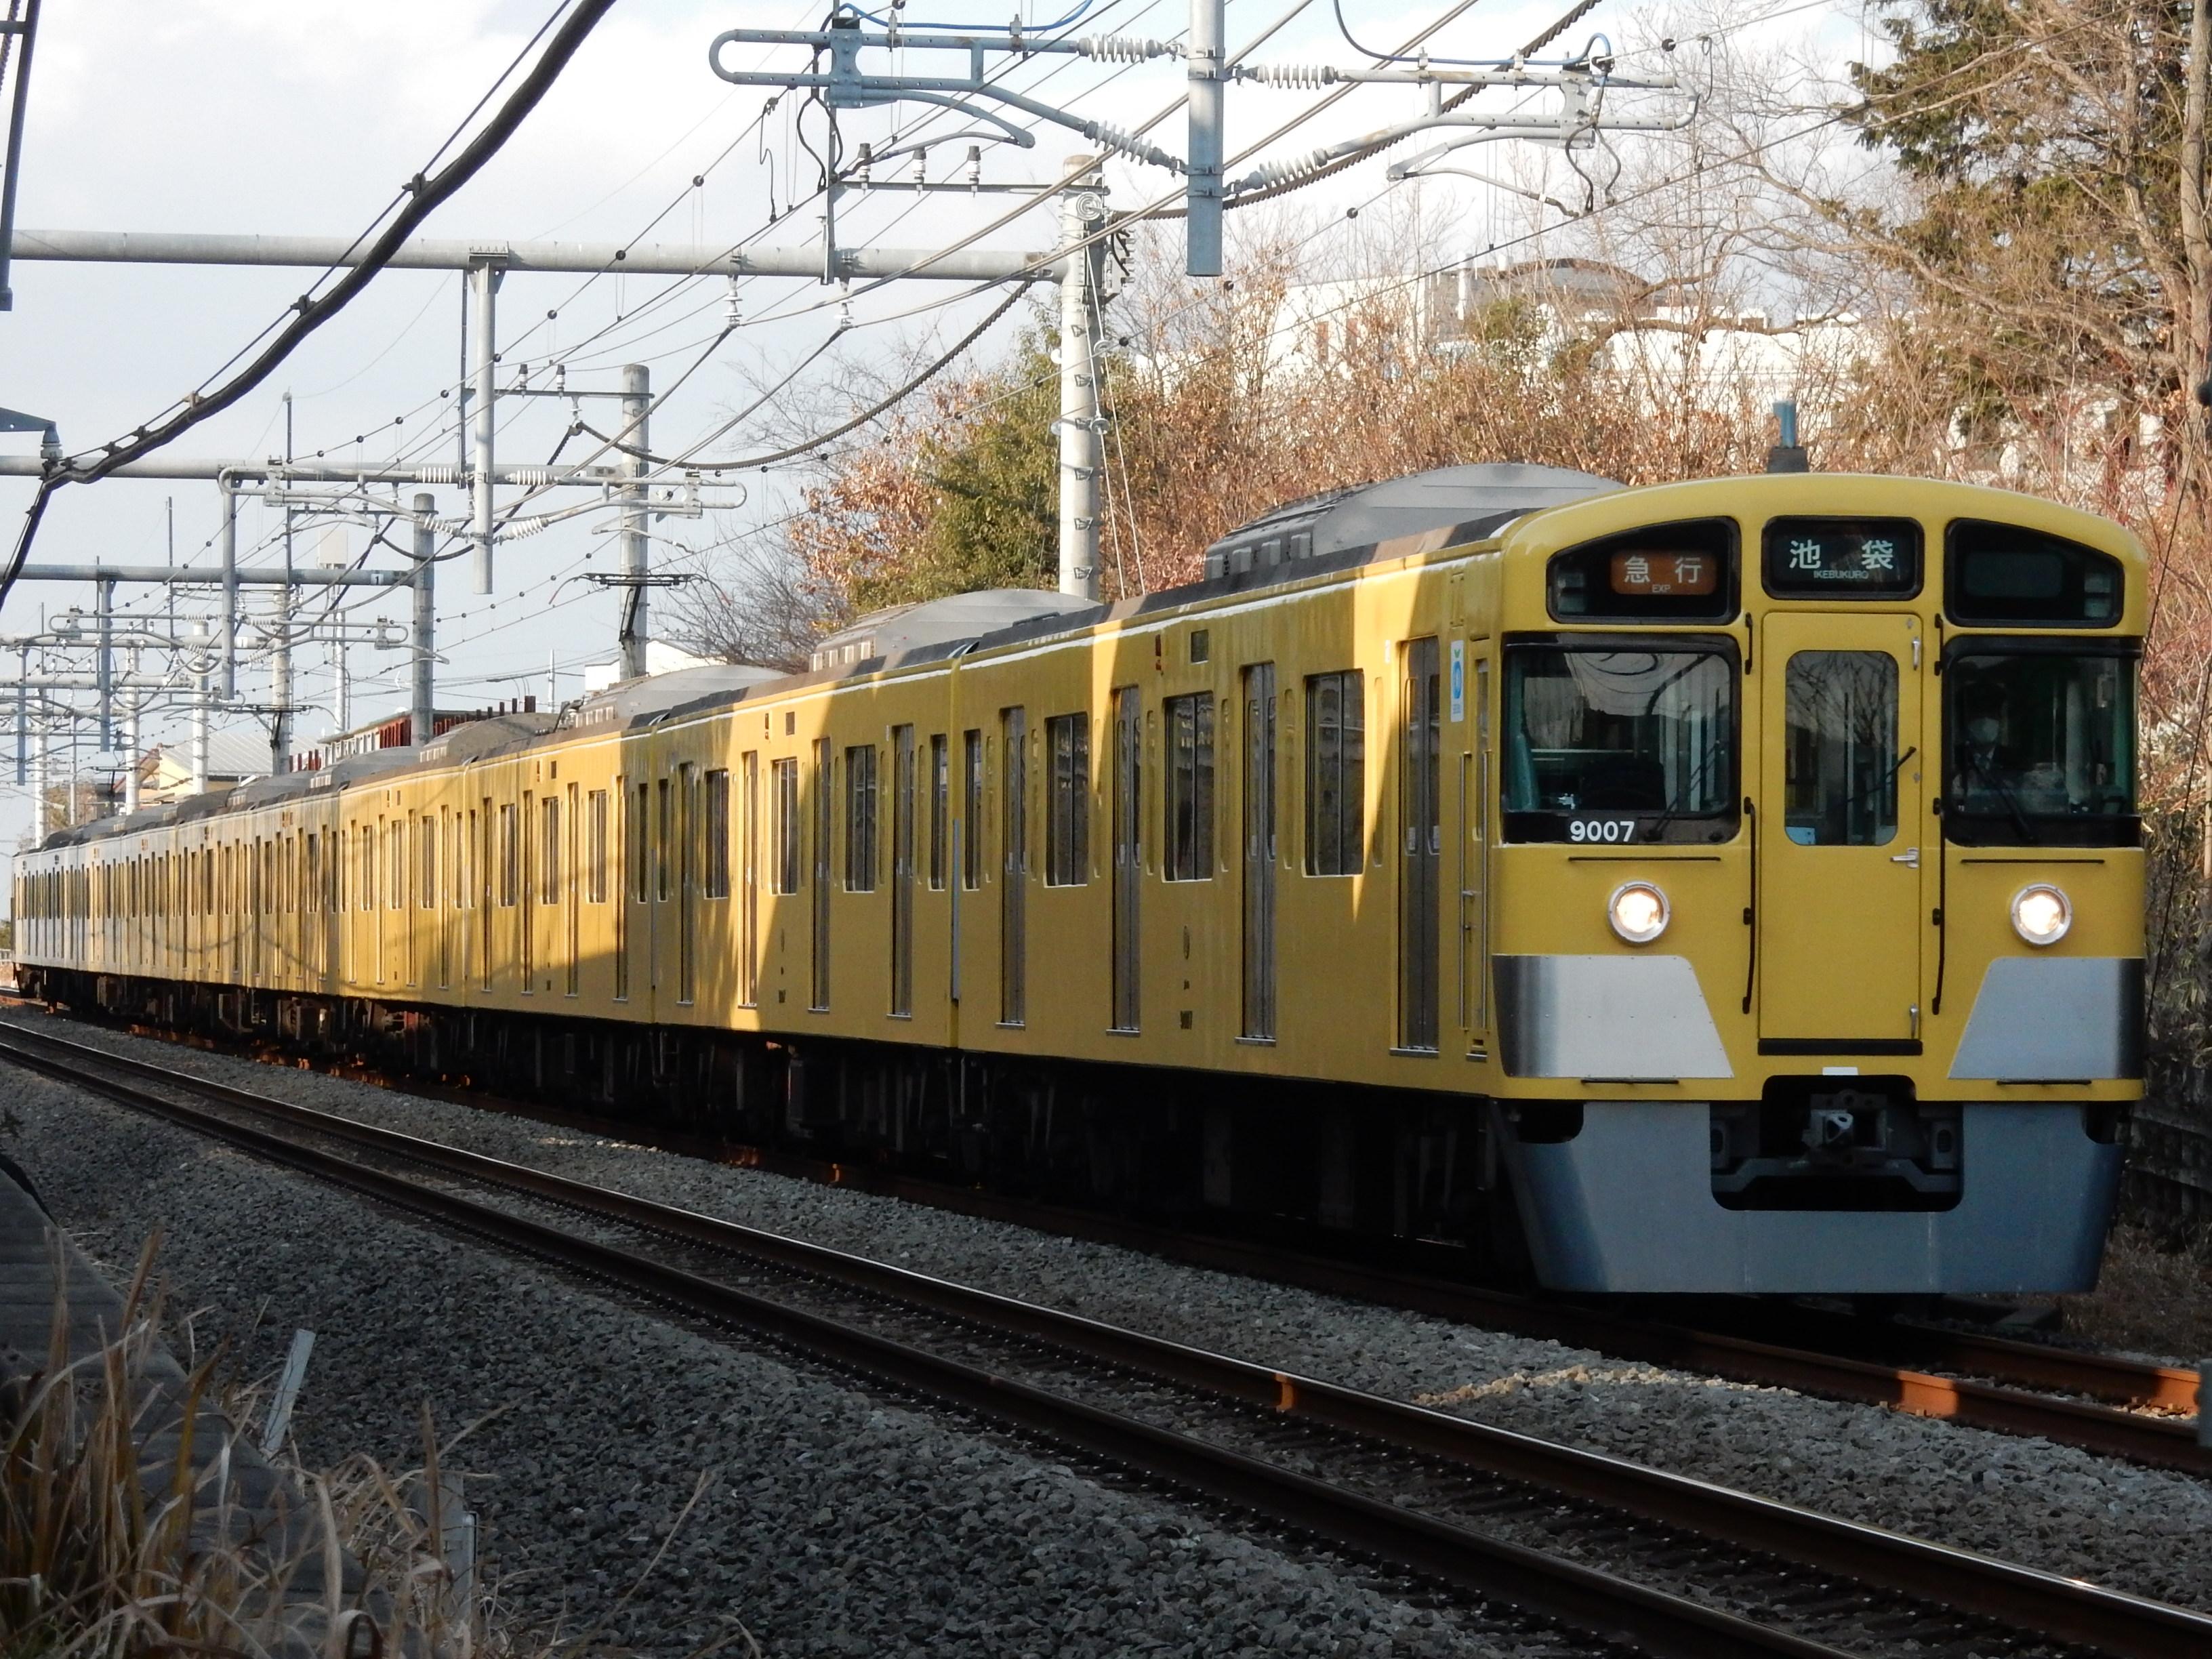 DSCN2707.jpg